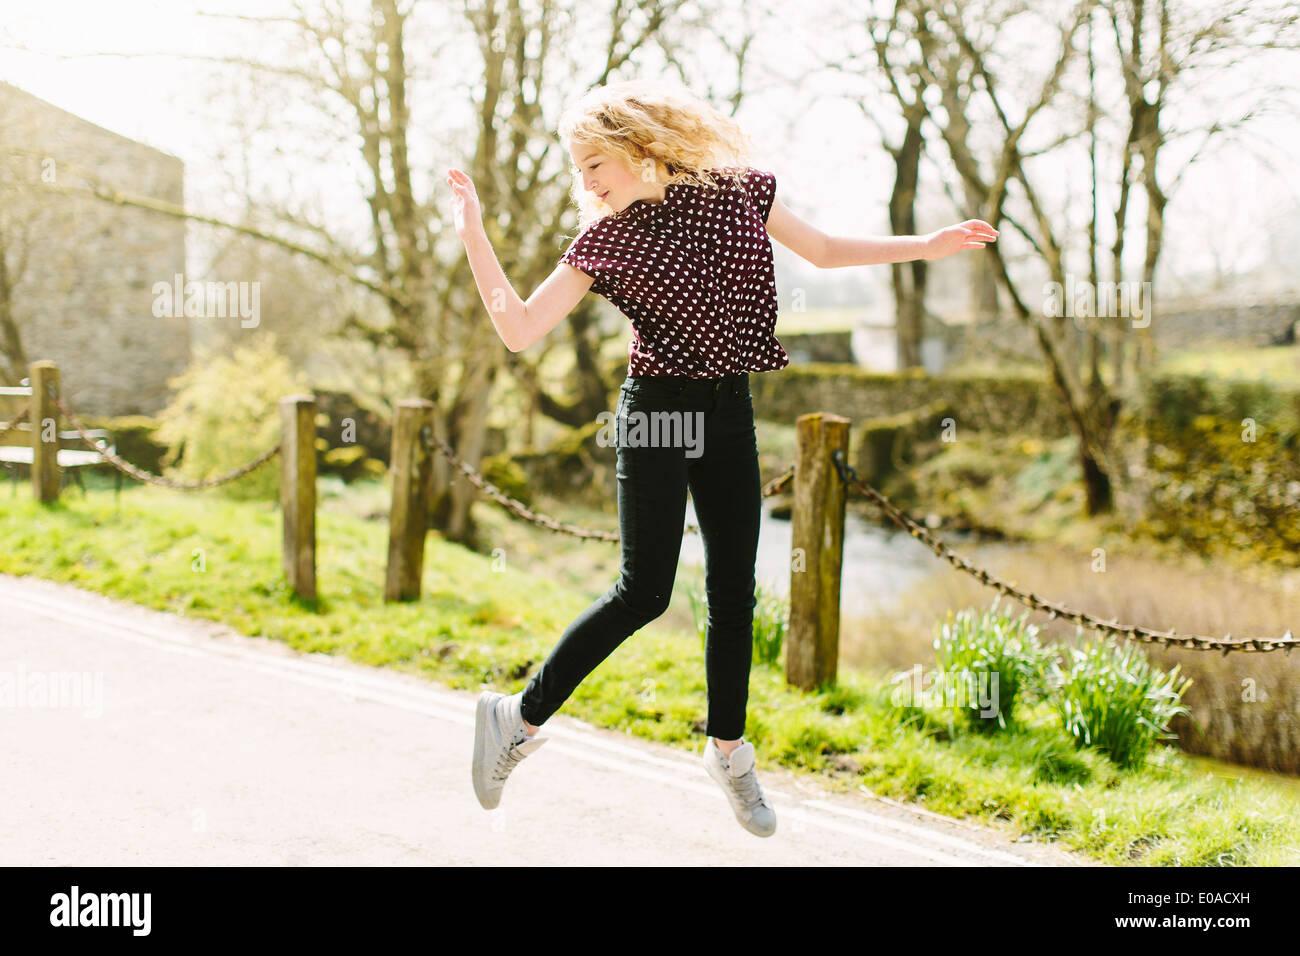 Adolescente Saltando sobre caminos rurales de aire. Foto de stock